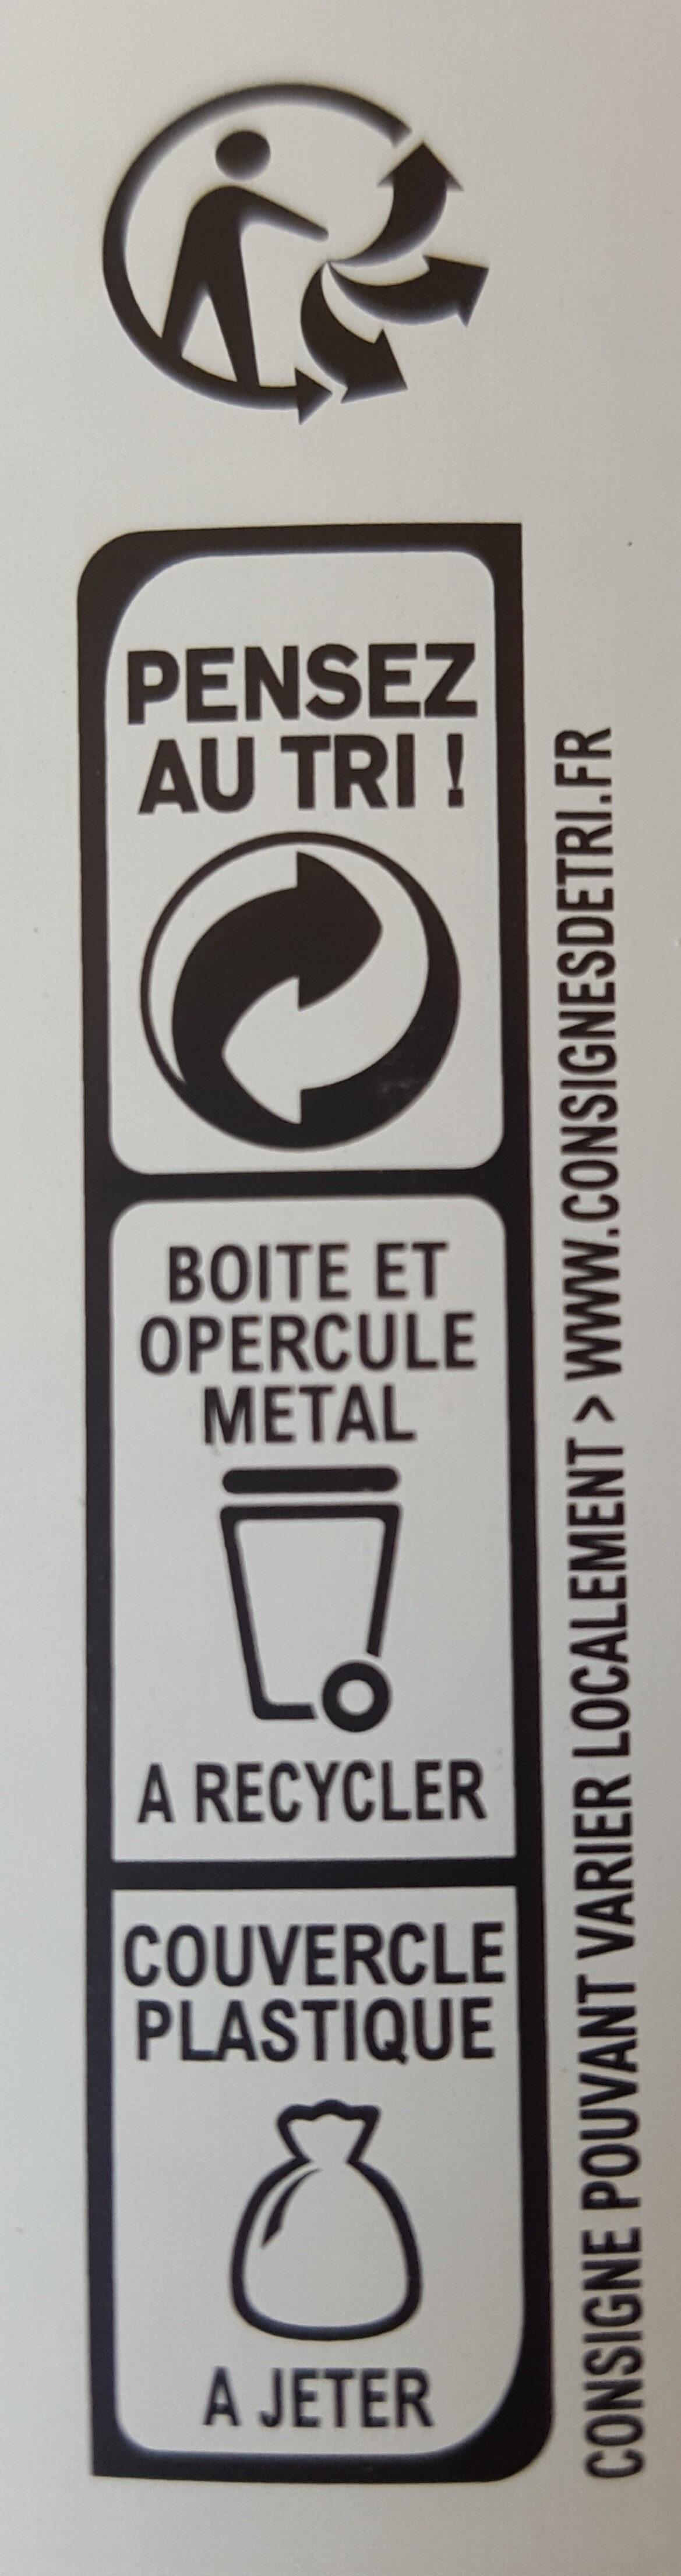 Préparation instantanée pour boisson au café et aromatisée à la caramel - Instruction de recyclage et/ou informations d'emballage - fr